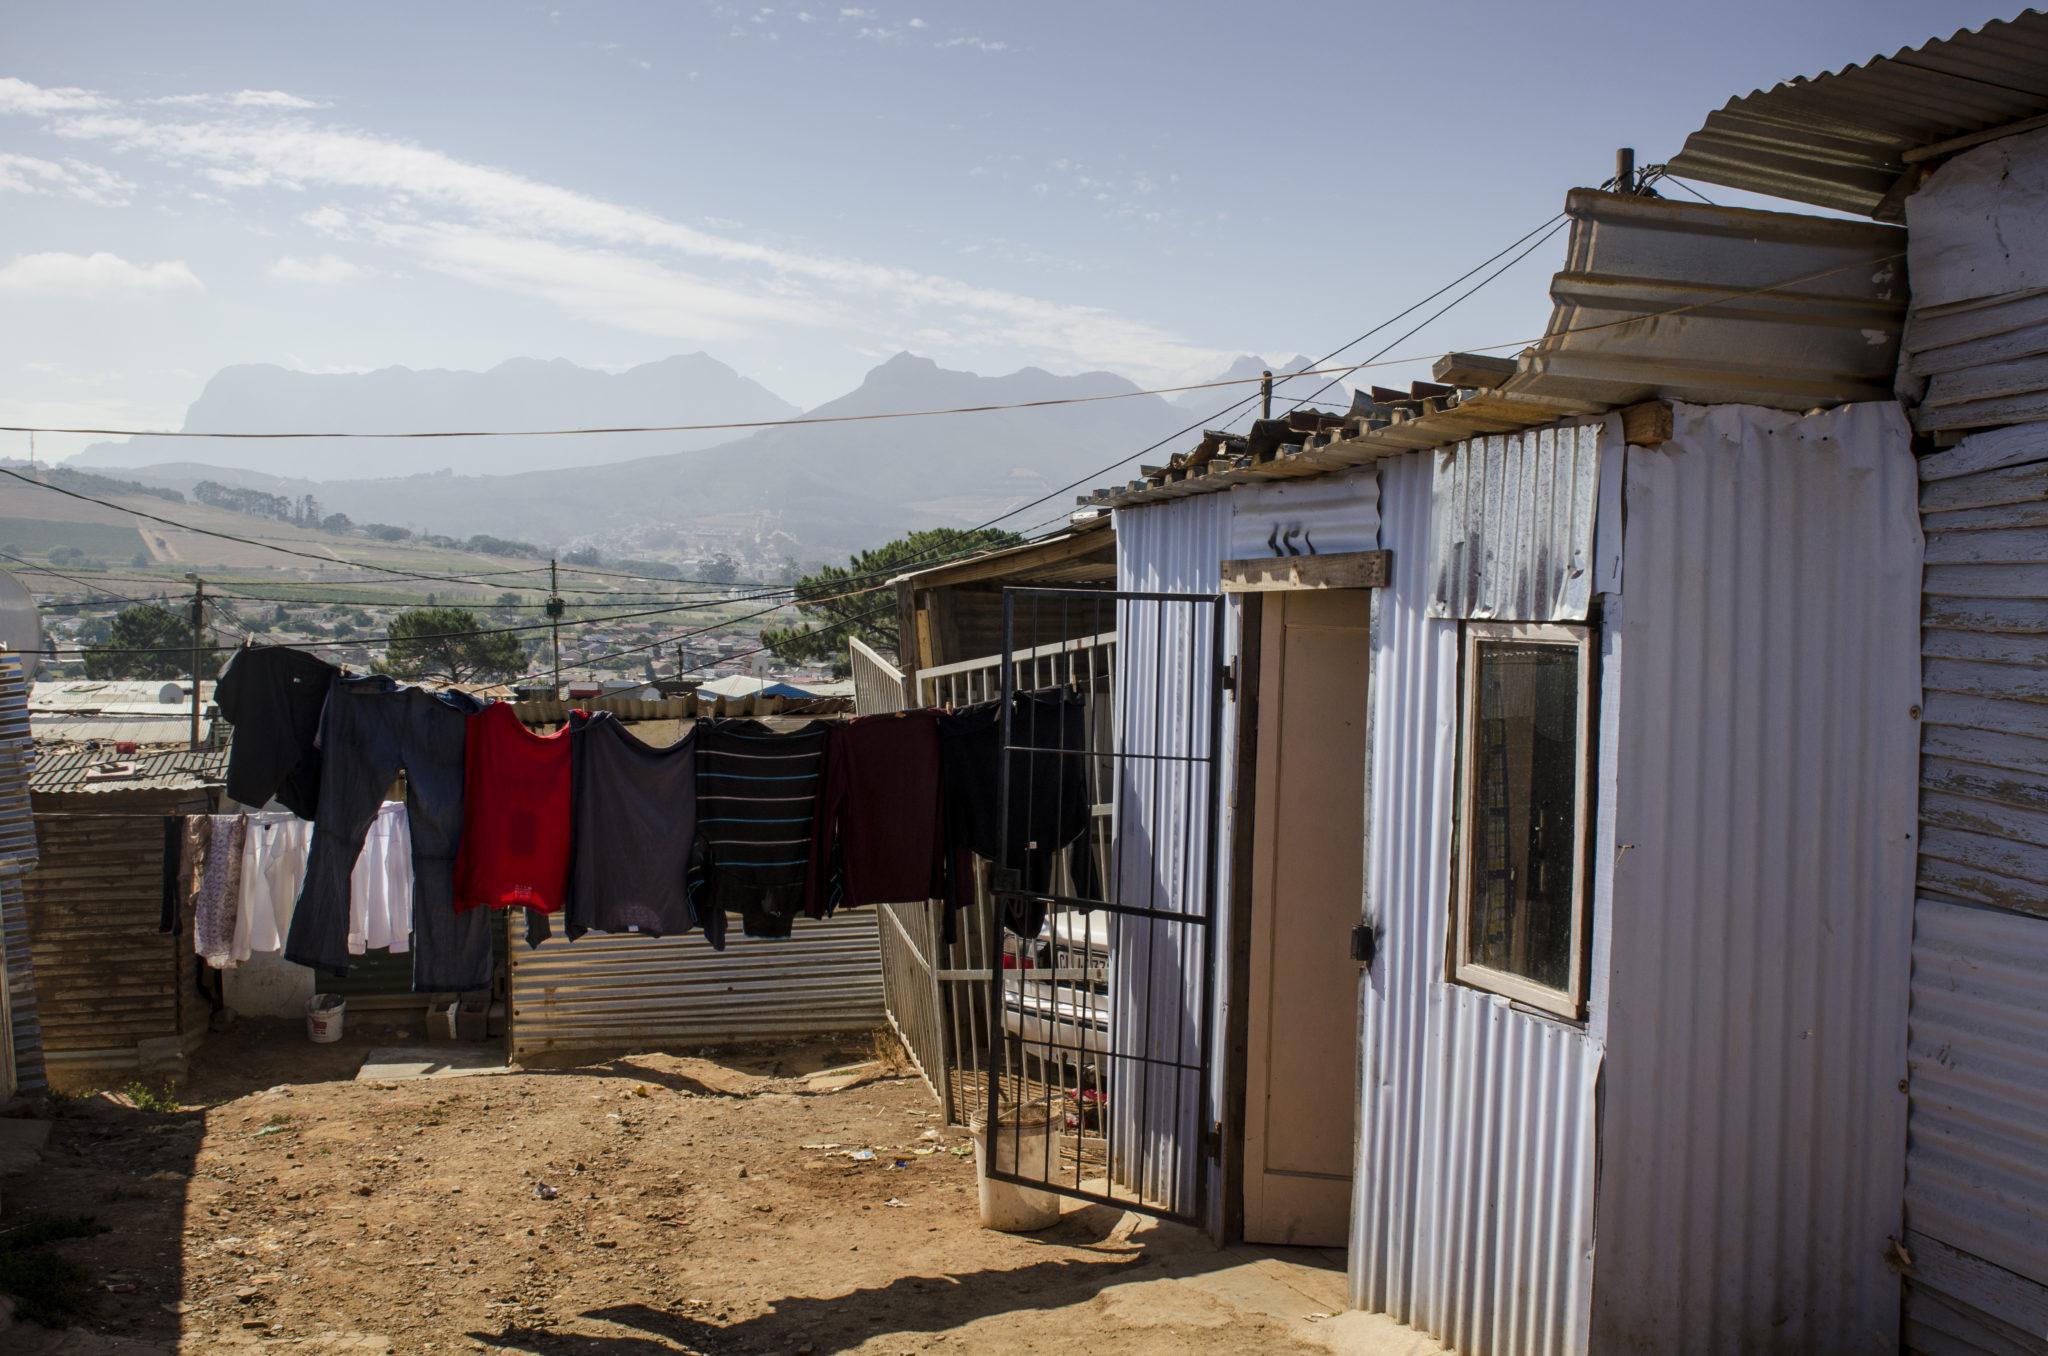 Das Kayamandi Township bietet schöne Ausblicke auf die südafrikanische Landschaft